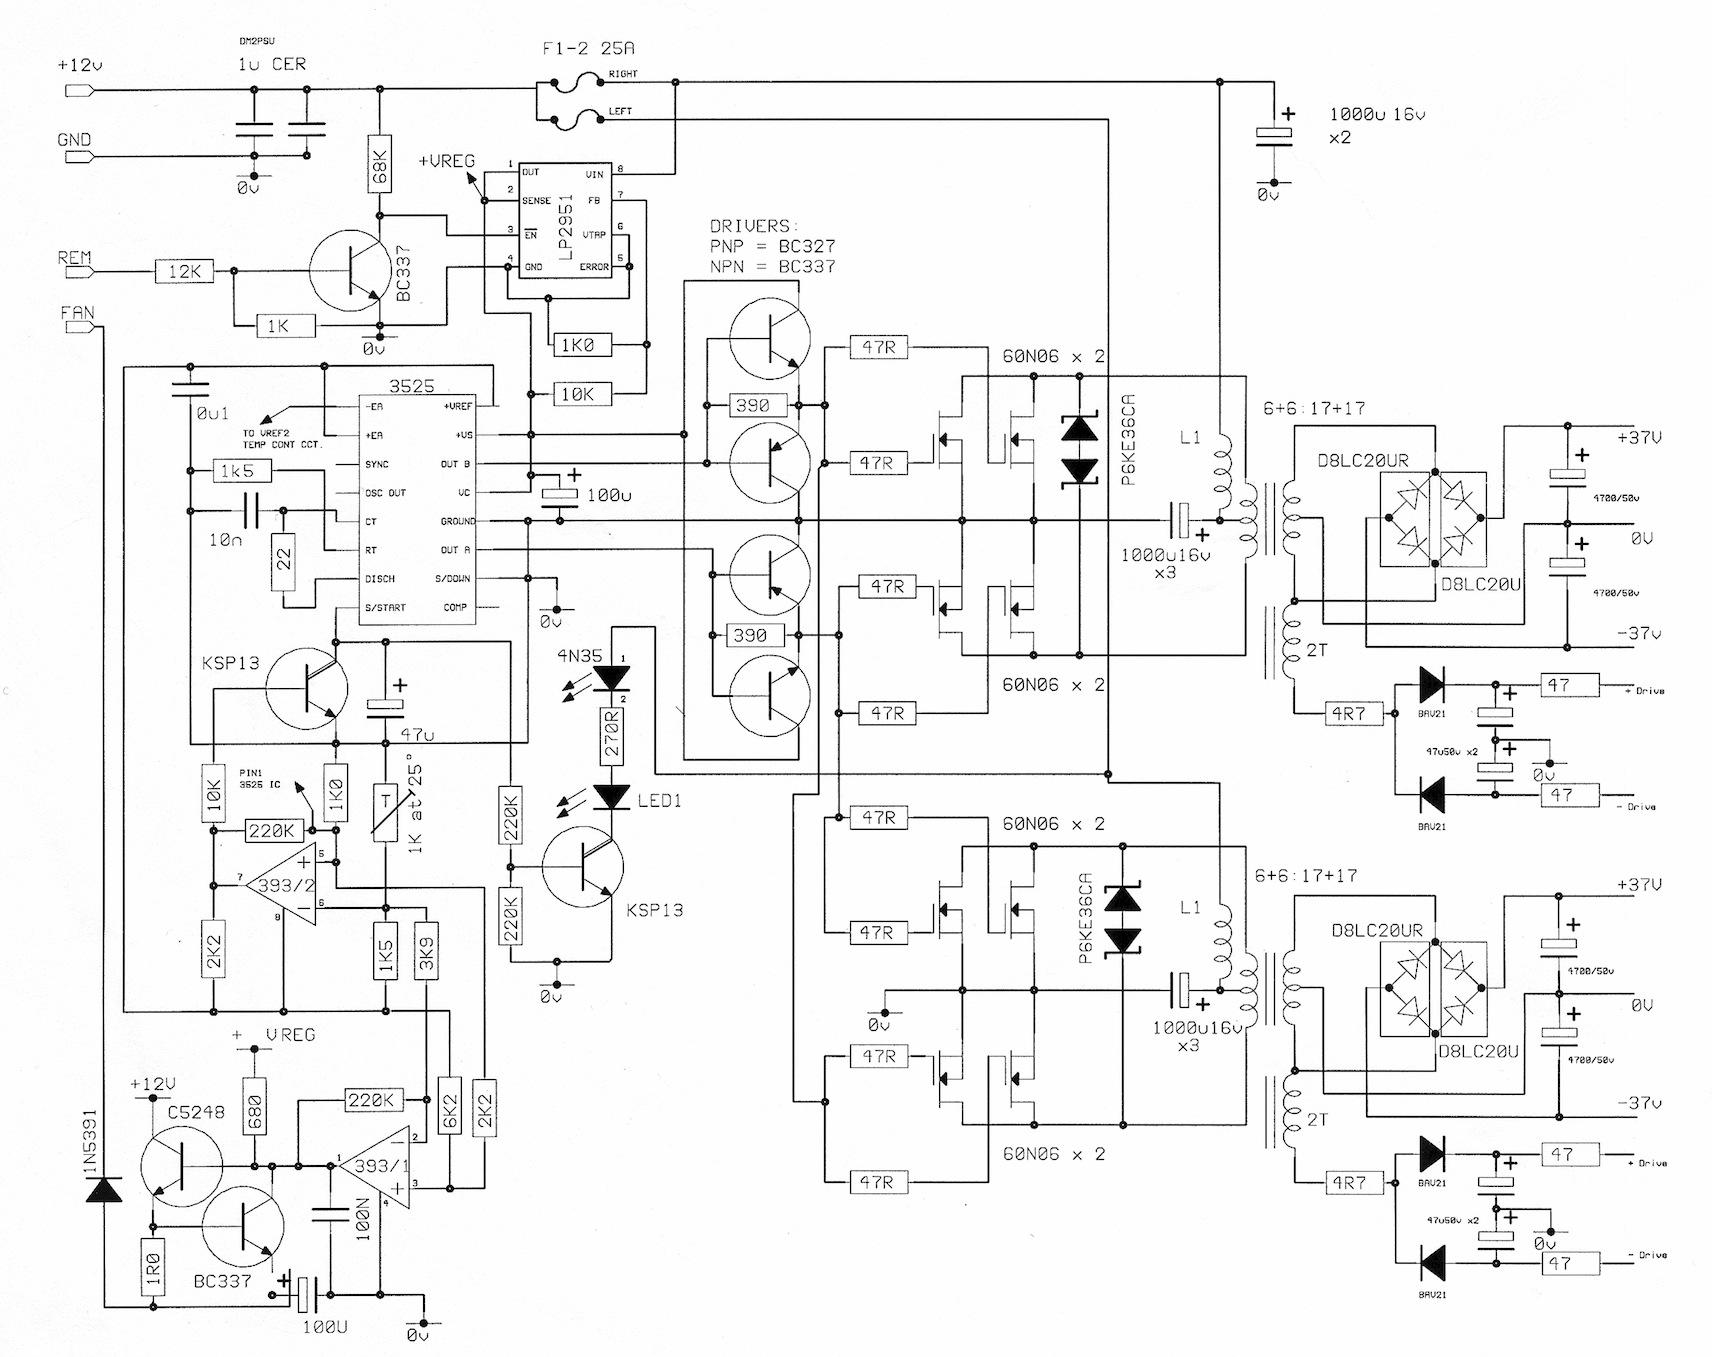 12 Volt Schaltnetzteil für Audioanwendung - HELP is needed ...